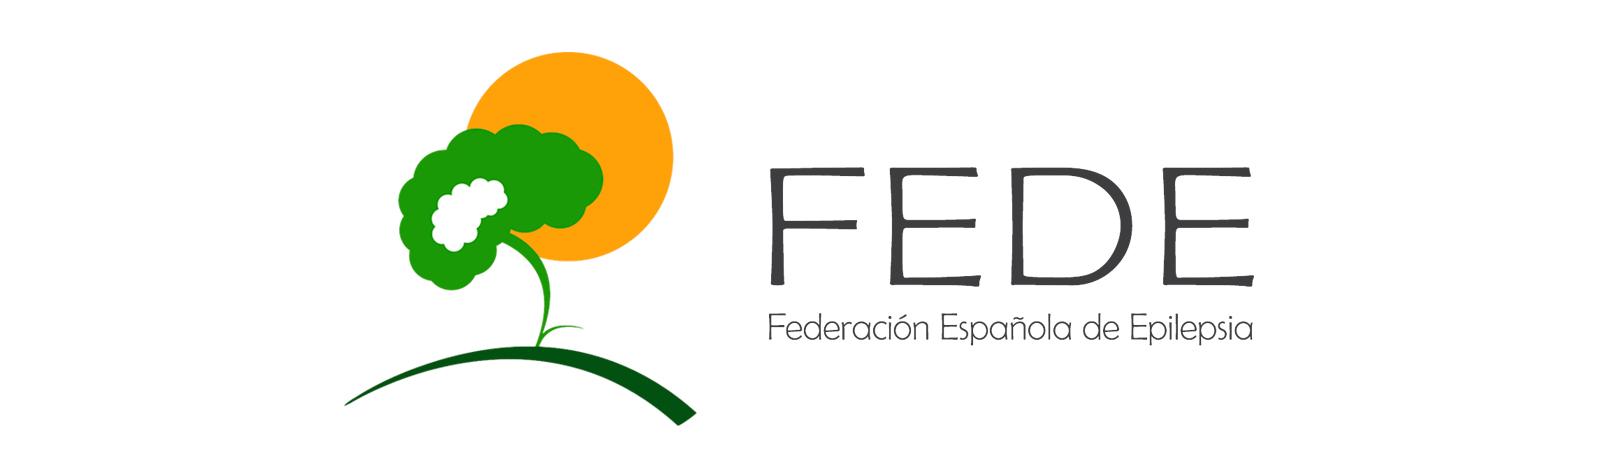 Logotipo de Federación Española de Epilepsia